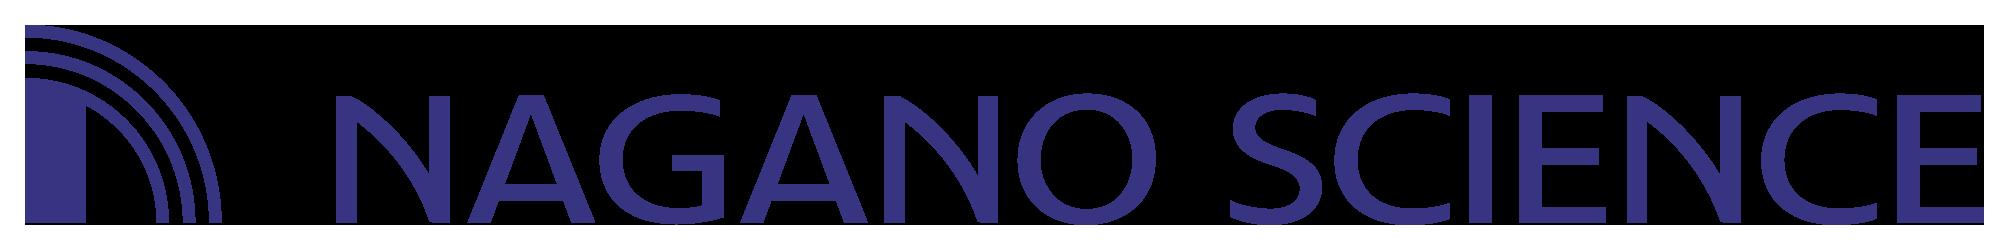 ナガノサイエンス株式会社